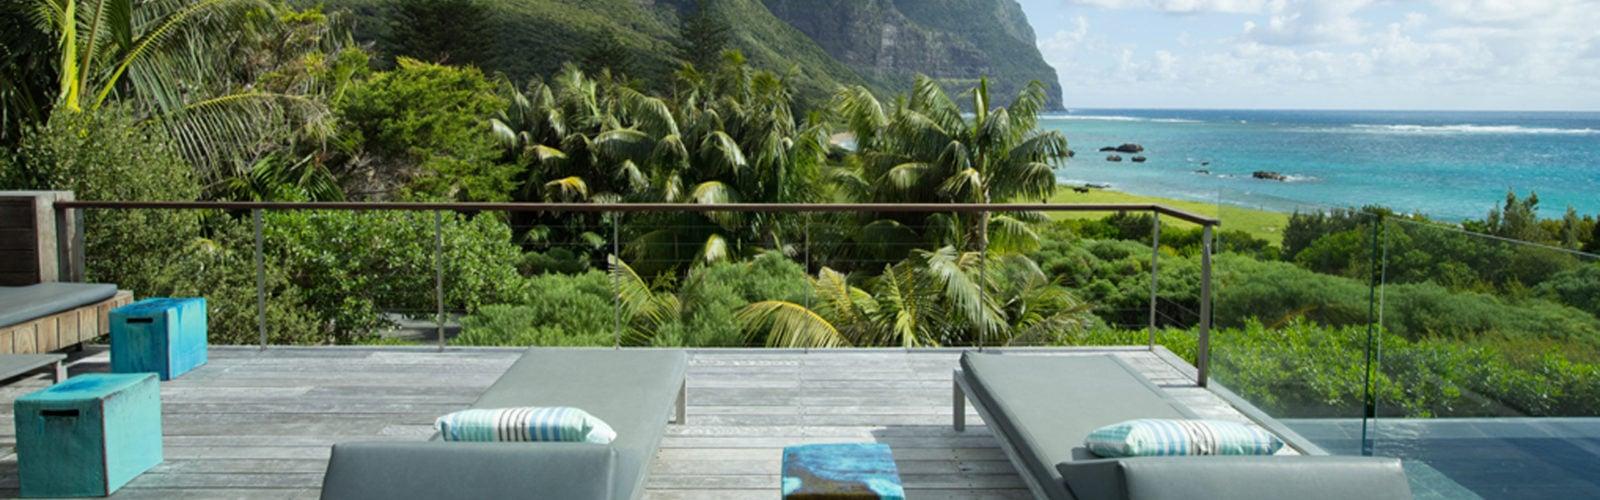 capella-lodge-terrace